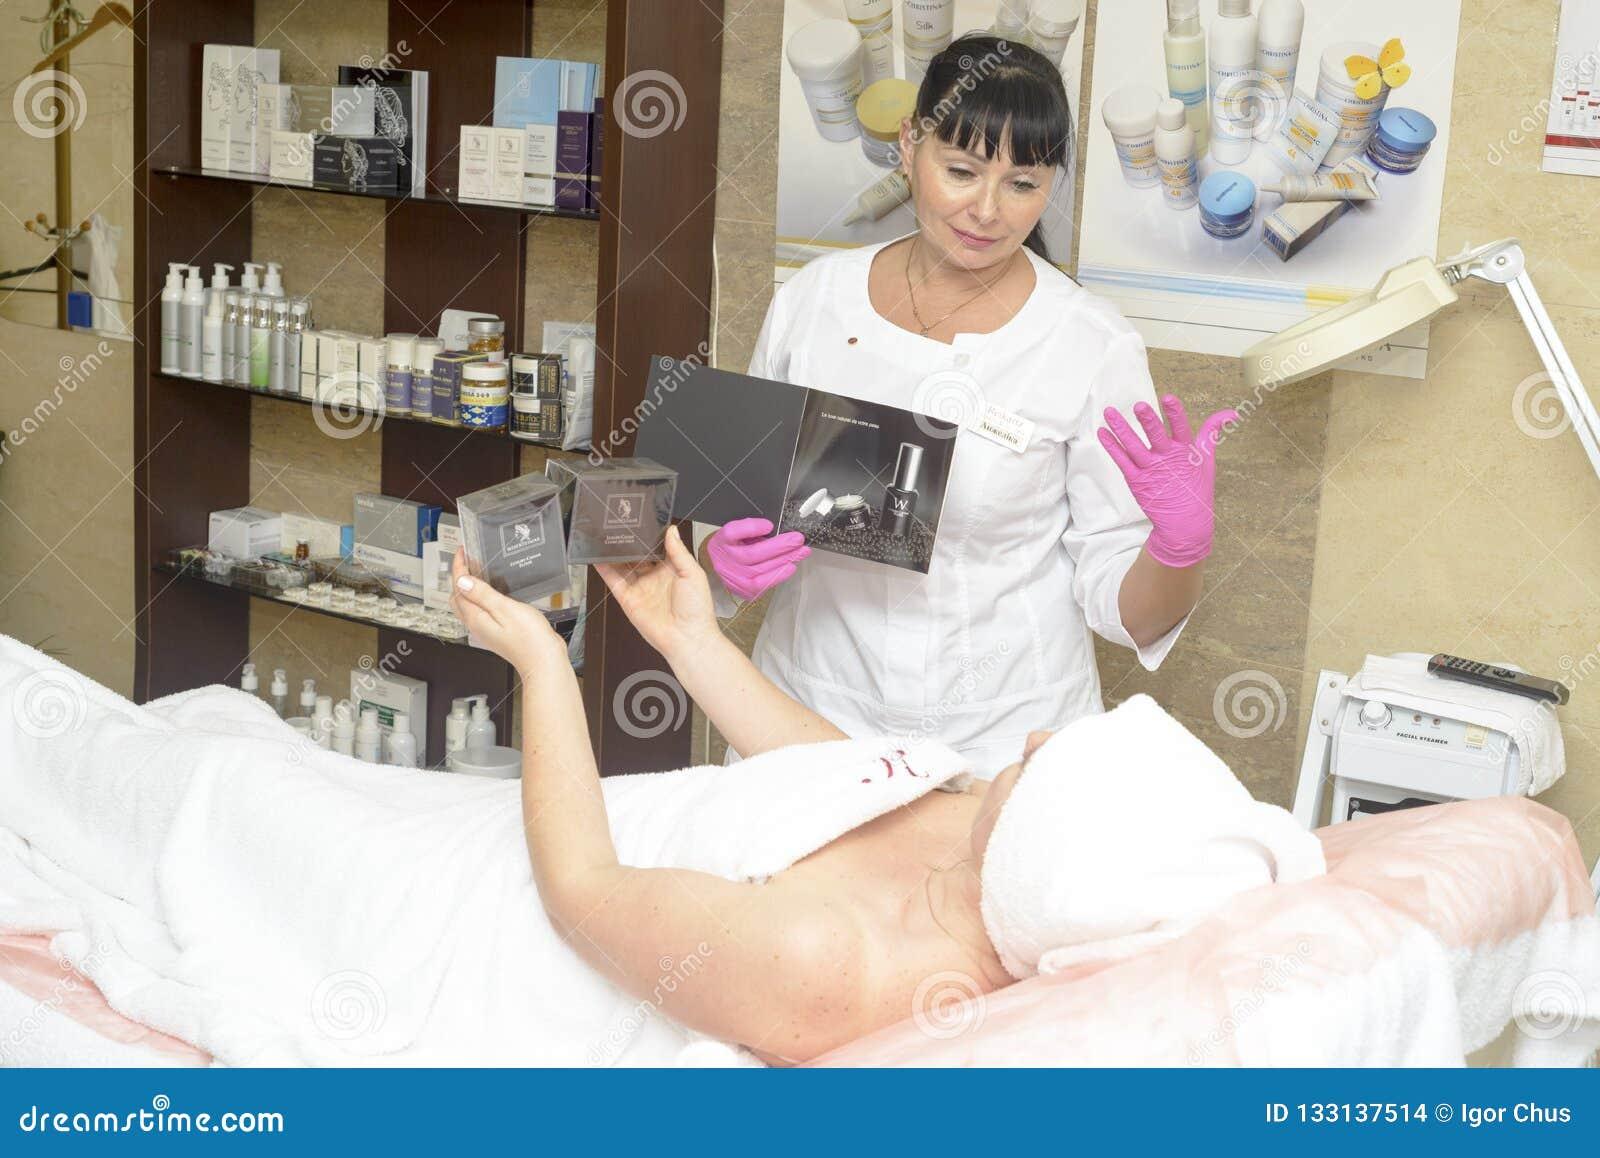 Le cosmetologist offre les cosmétiques de client, Ukraine, village de Polyana, décembre 2018